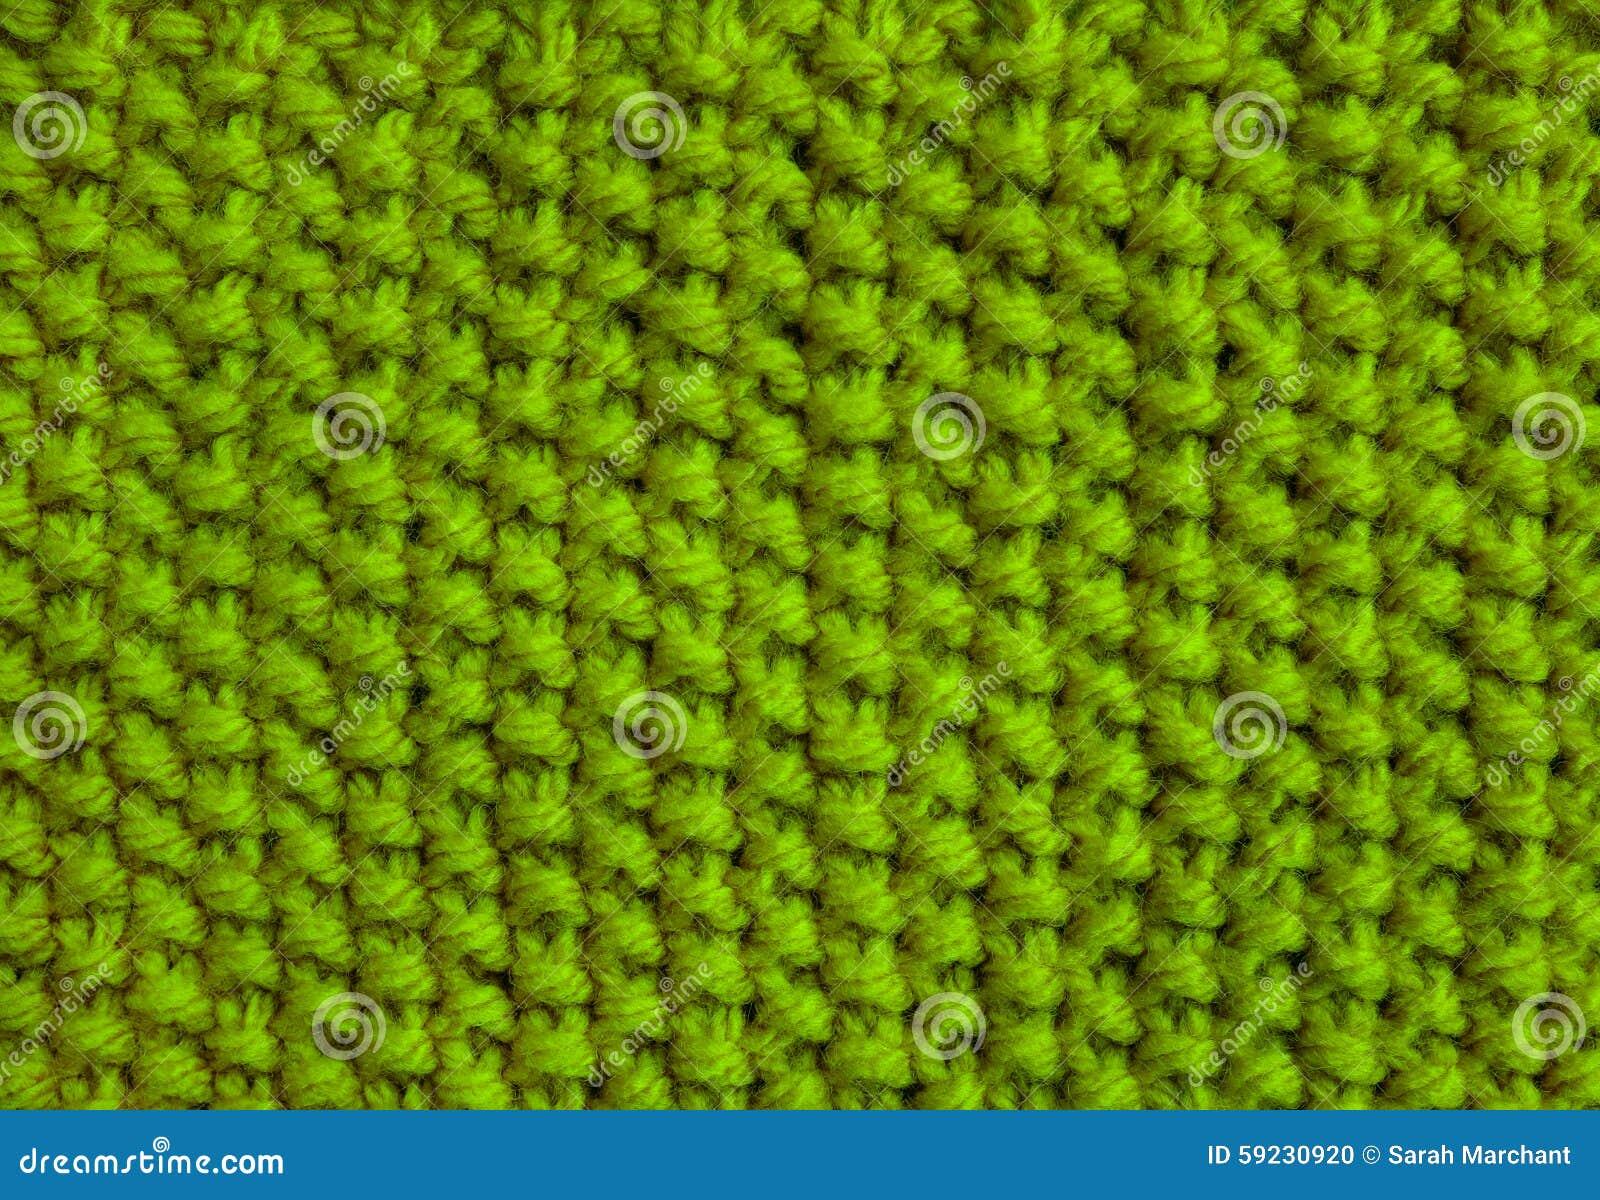 Download Puntada Del Musgo Que Hace Punto En Lanas Verdes Foto de archivo - Imagen de extracto, hilado: 59230920